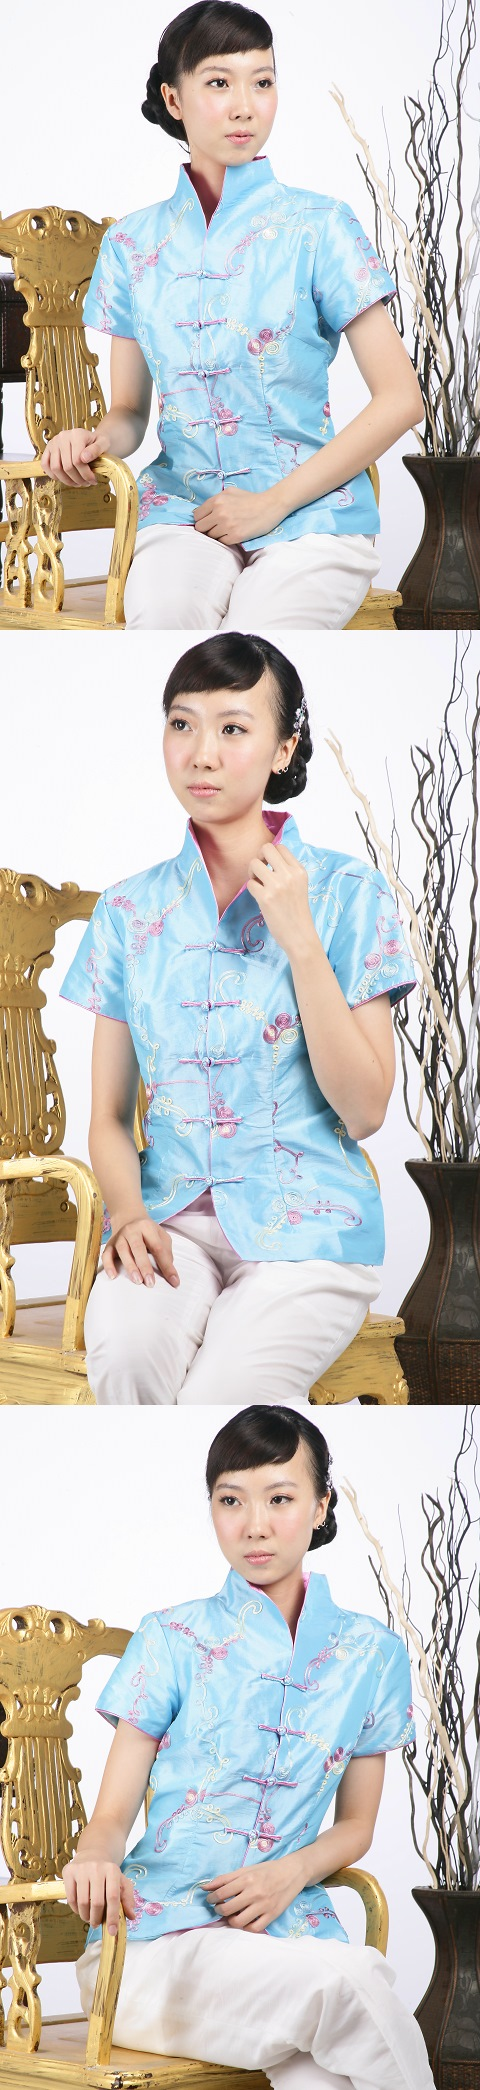 浮雕繡花中式短袖上衣(粉藍)